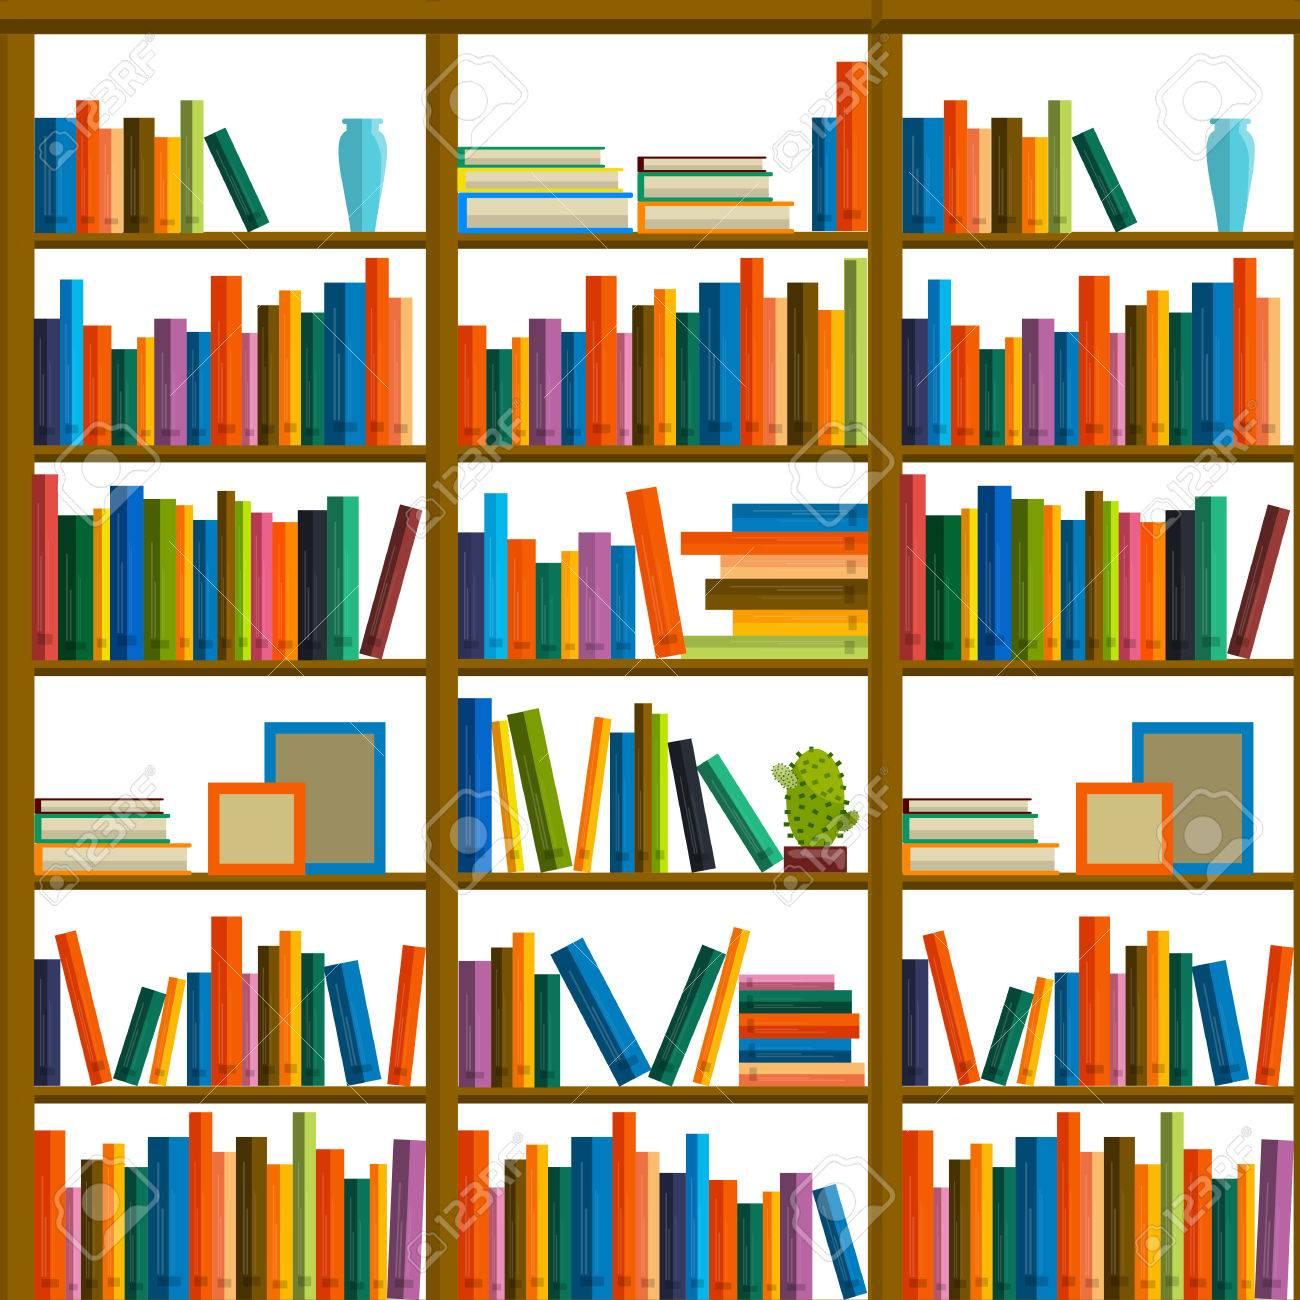 Biblioteca Librera Patrn Sin Fisuras Con Los Libros En Las